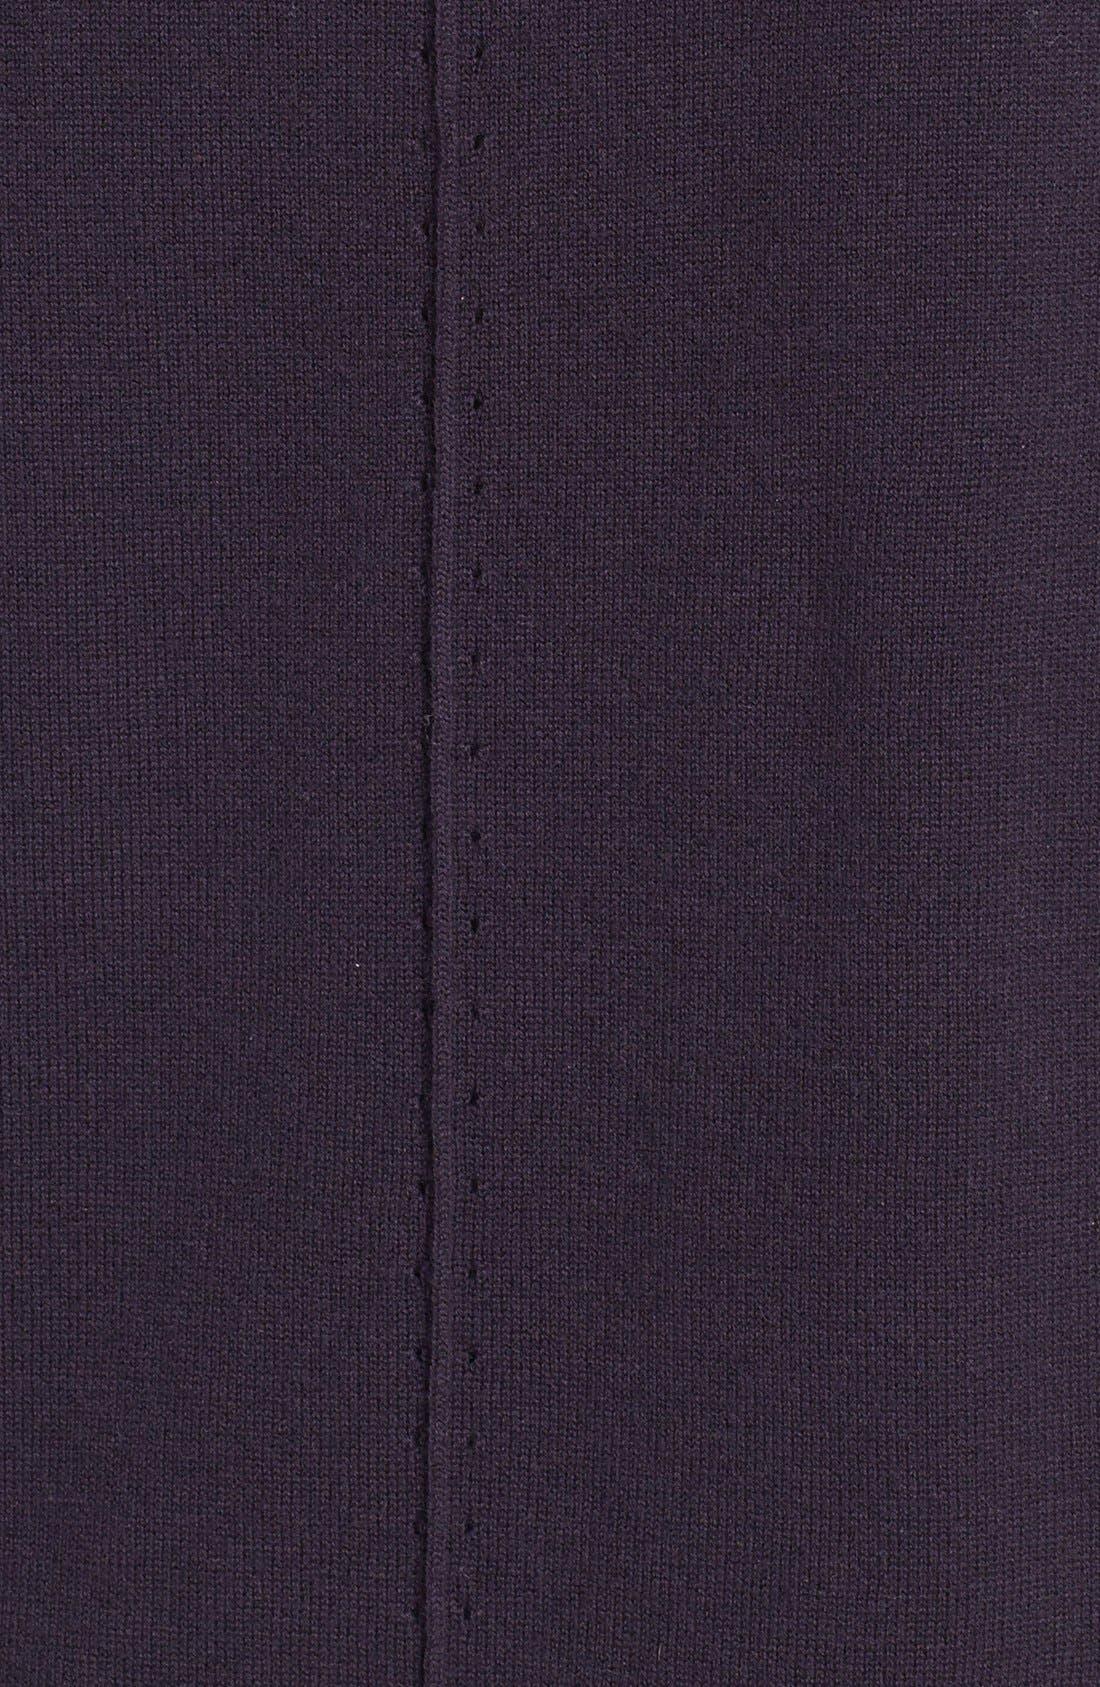 Alternate Image 3  - rag & bone 'Noelle' Oversized Sweater